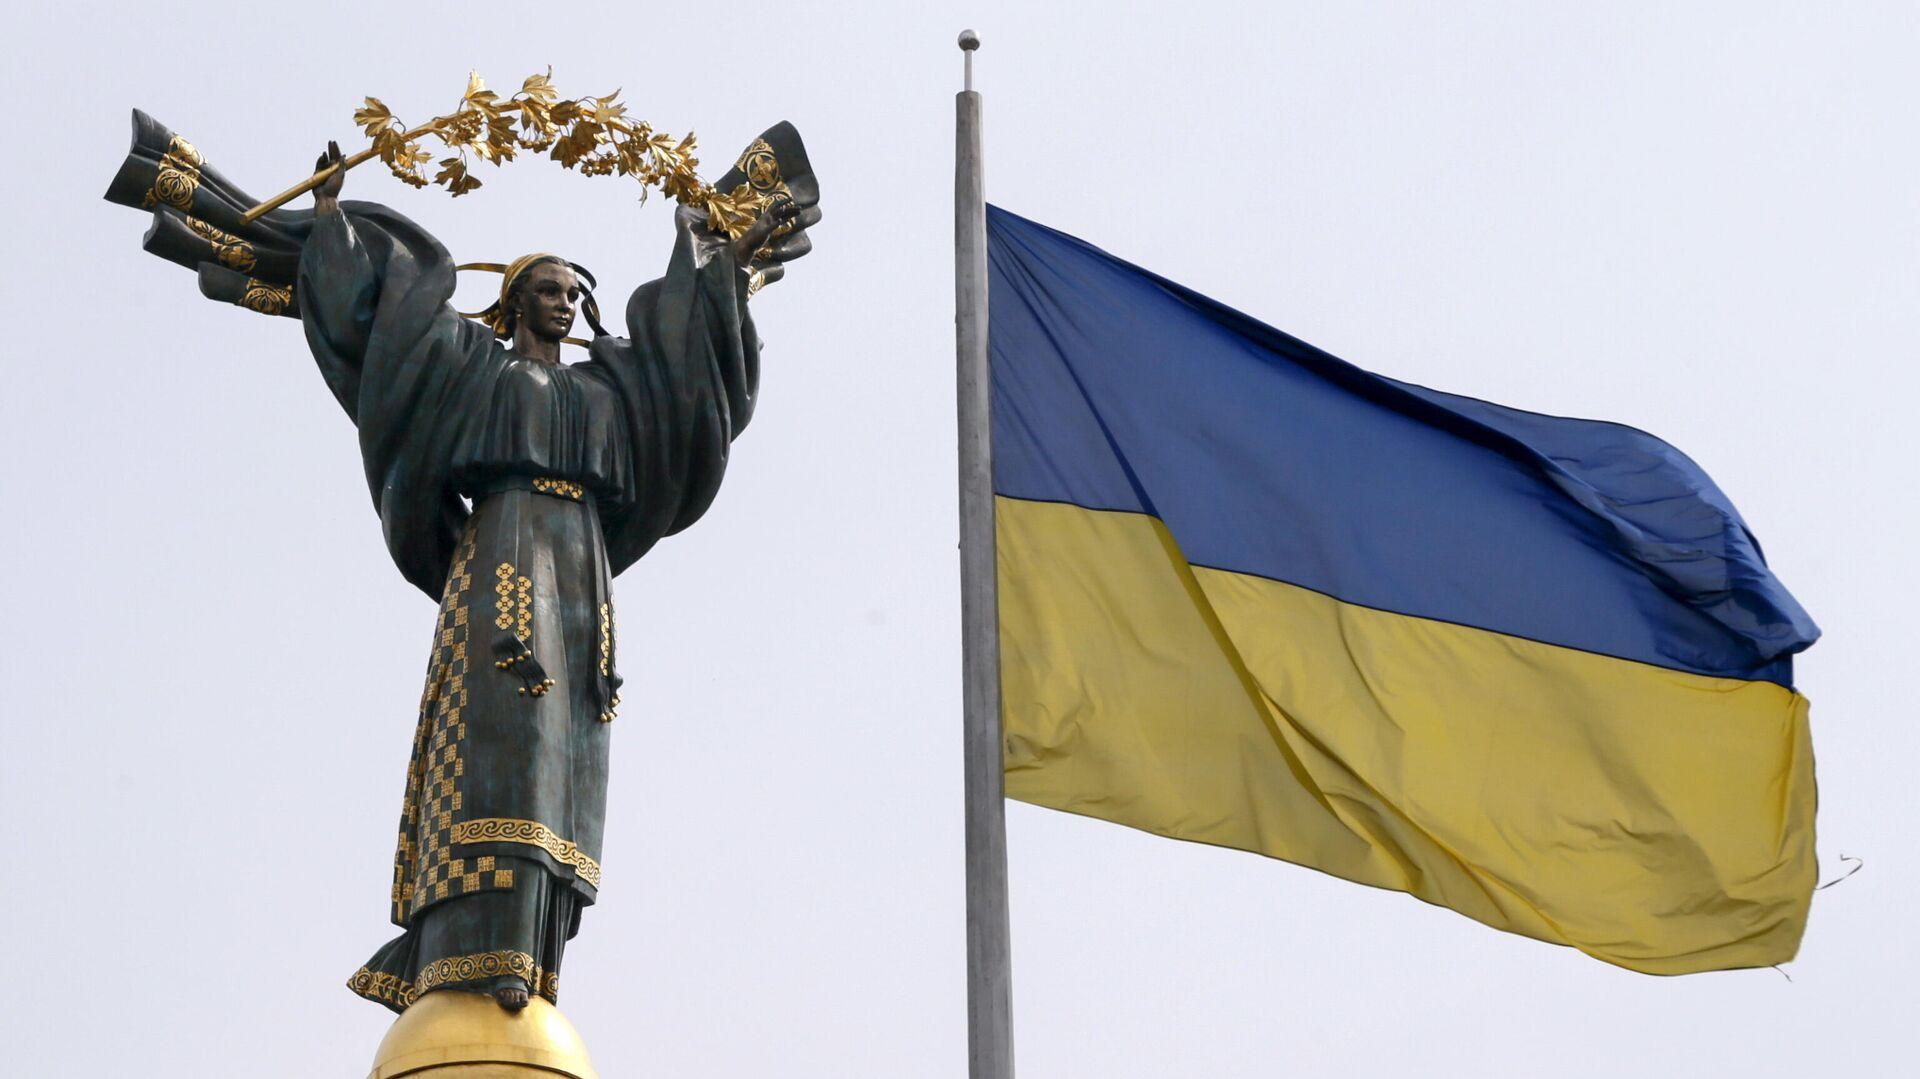 Монумент Независимости в Киеве - РИА Новости, 1920, 04.08.2021